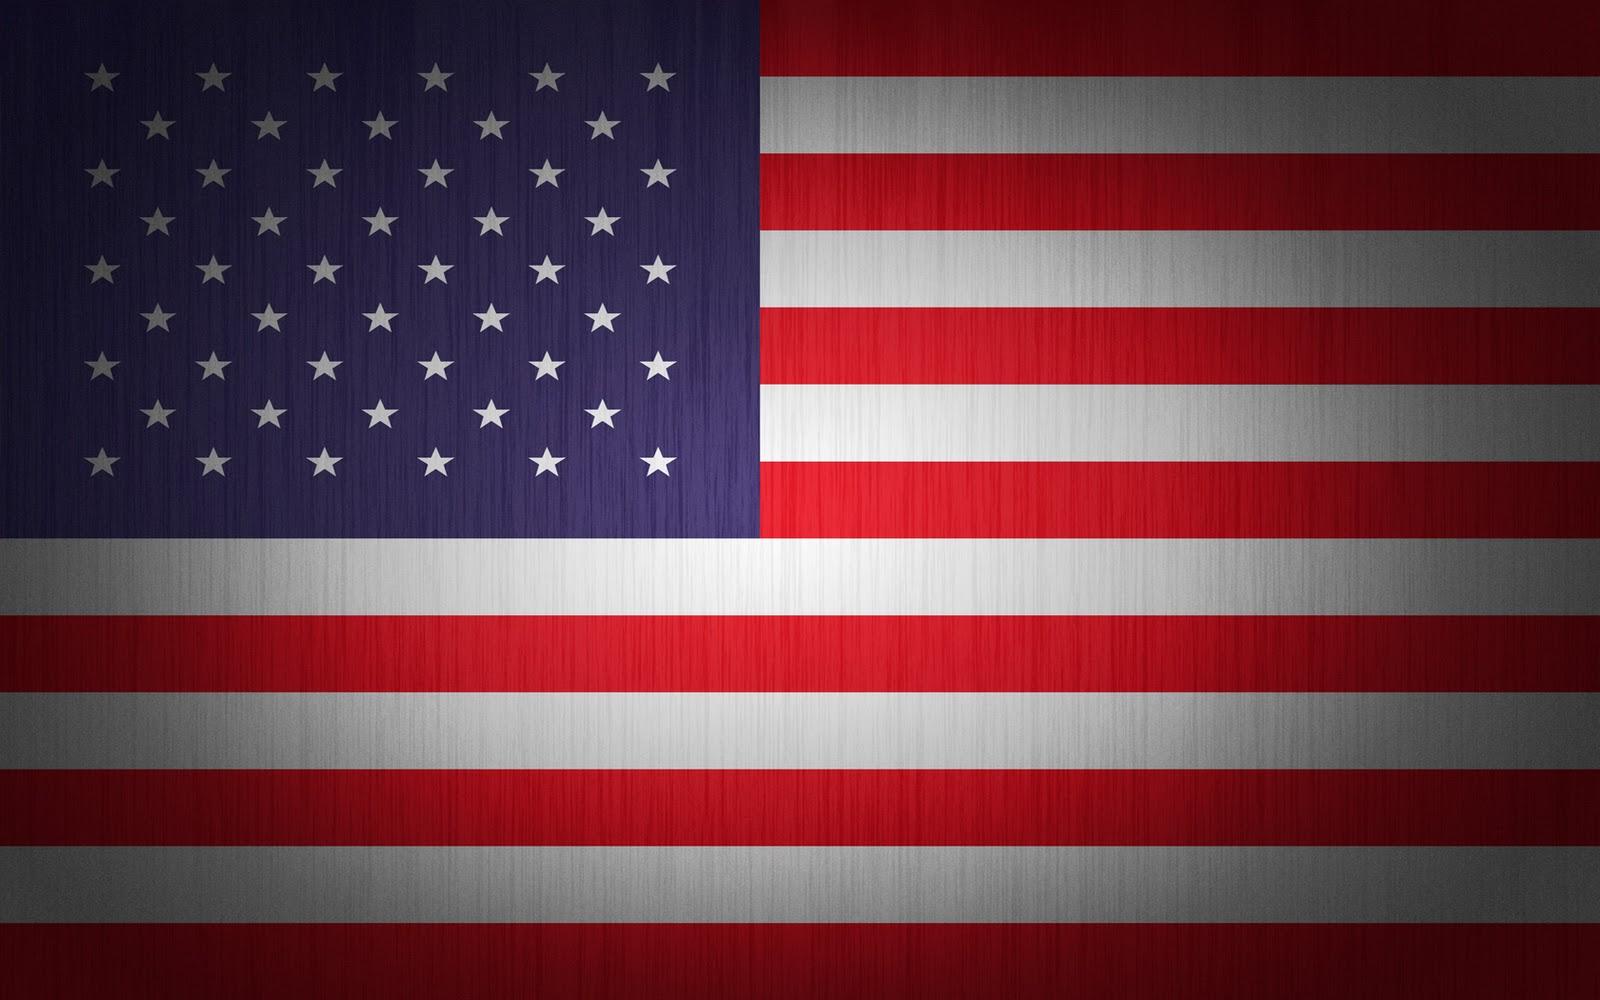 http://4.bp.blogspot.com/_tfv2hxvU3WE/TNLY-da0E3I/AAAAAAAACS8/5xaVNlJNnm4/s1600/stars+stripes-wallpapershared.blogspot.com.jpg